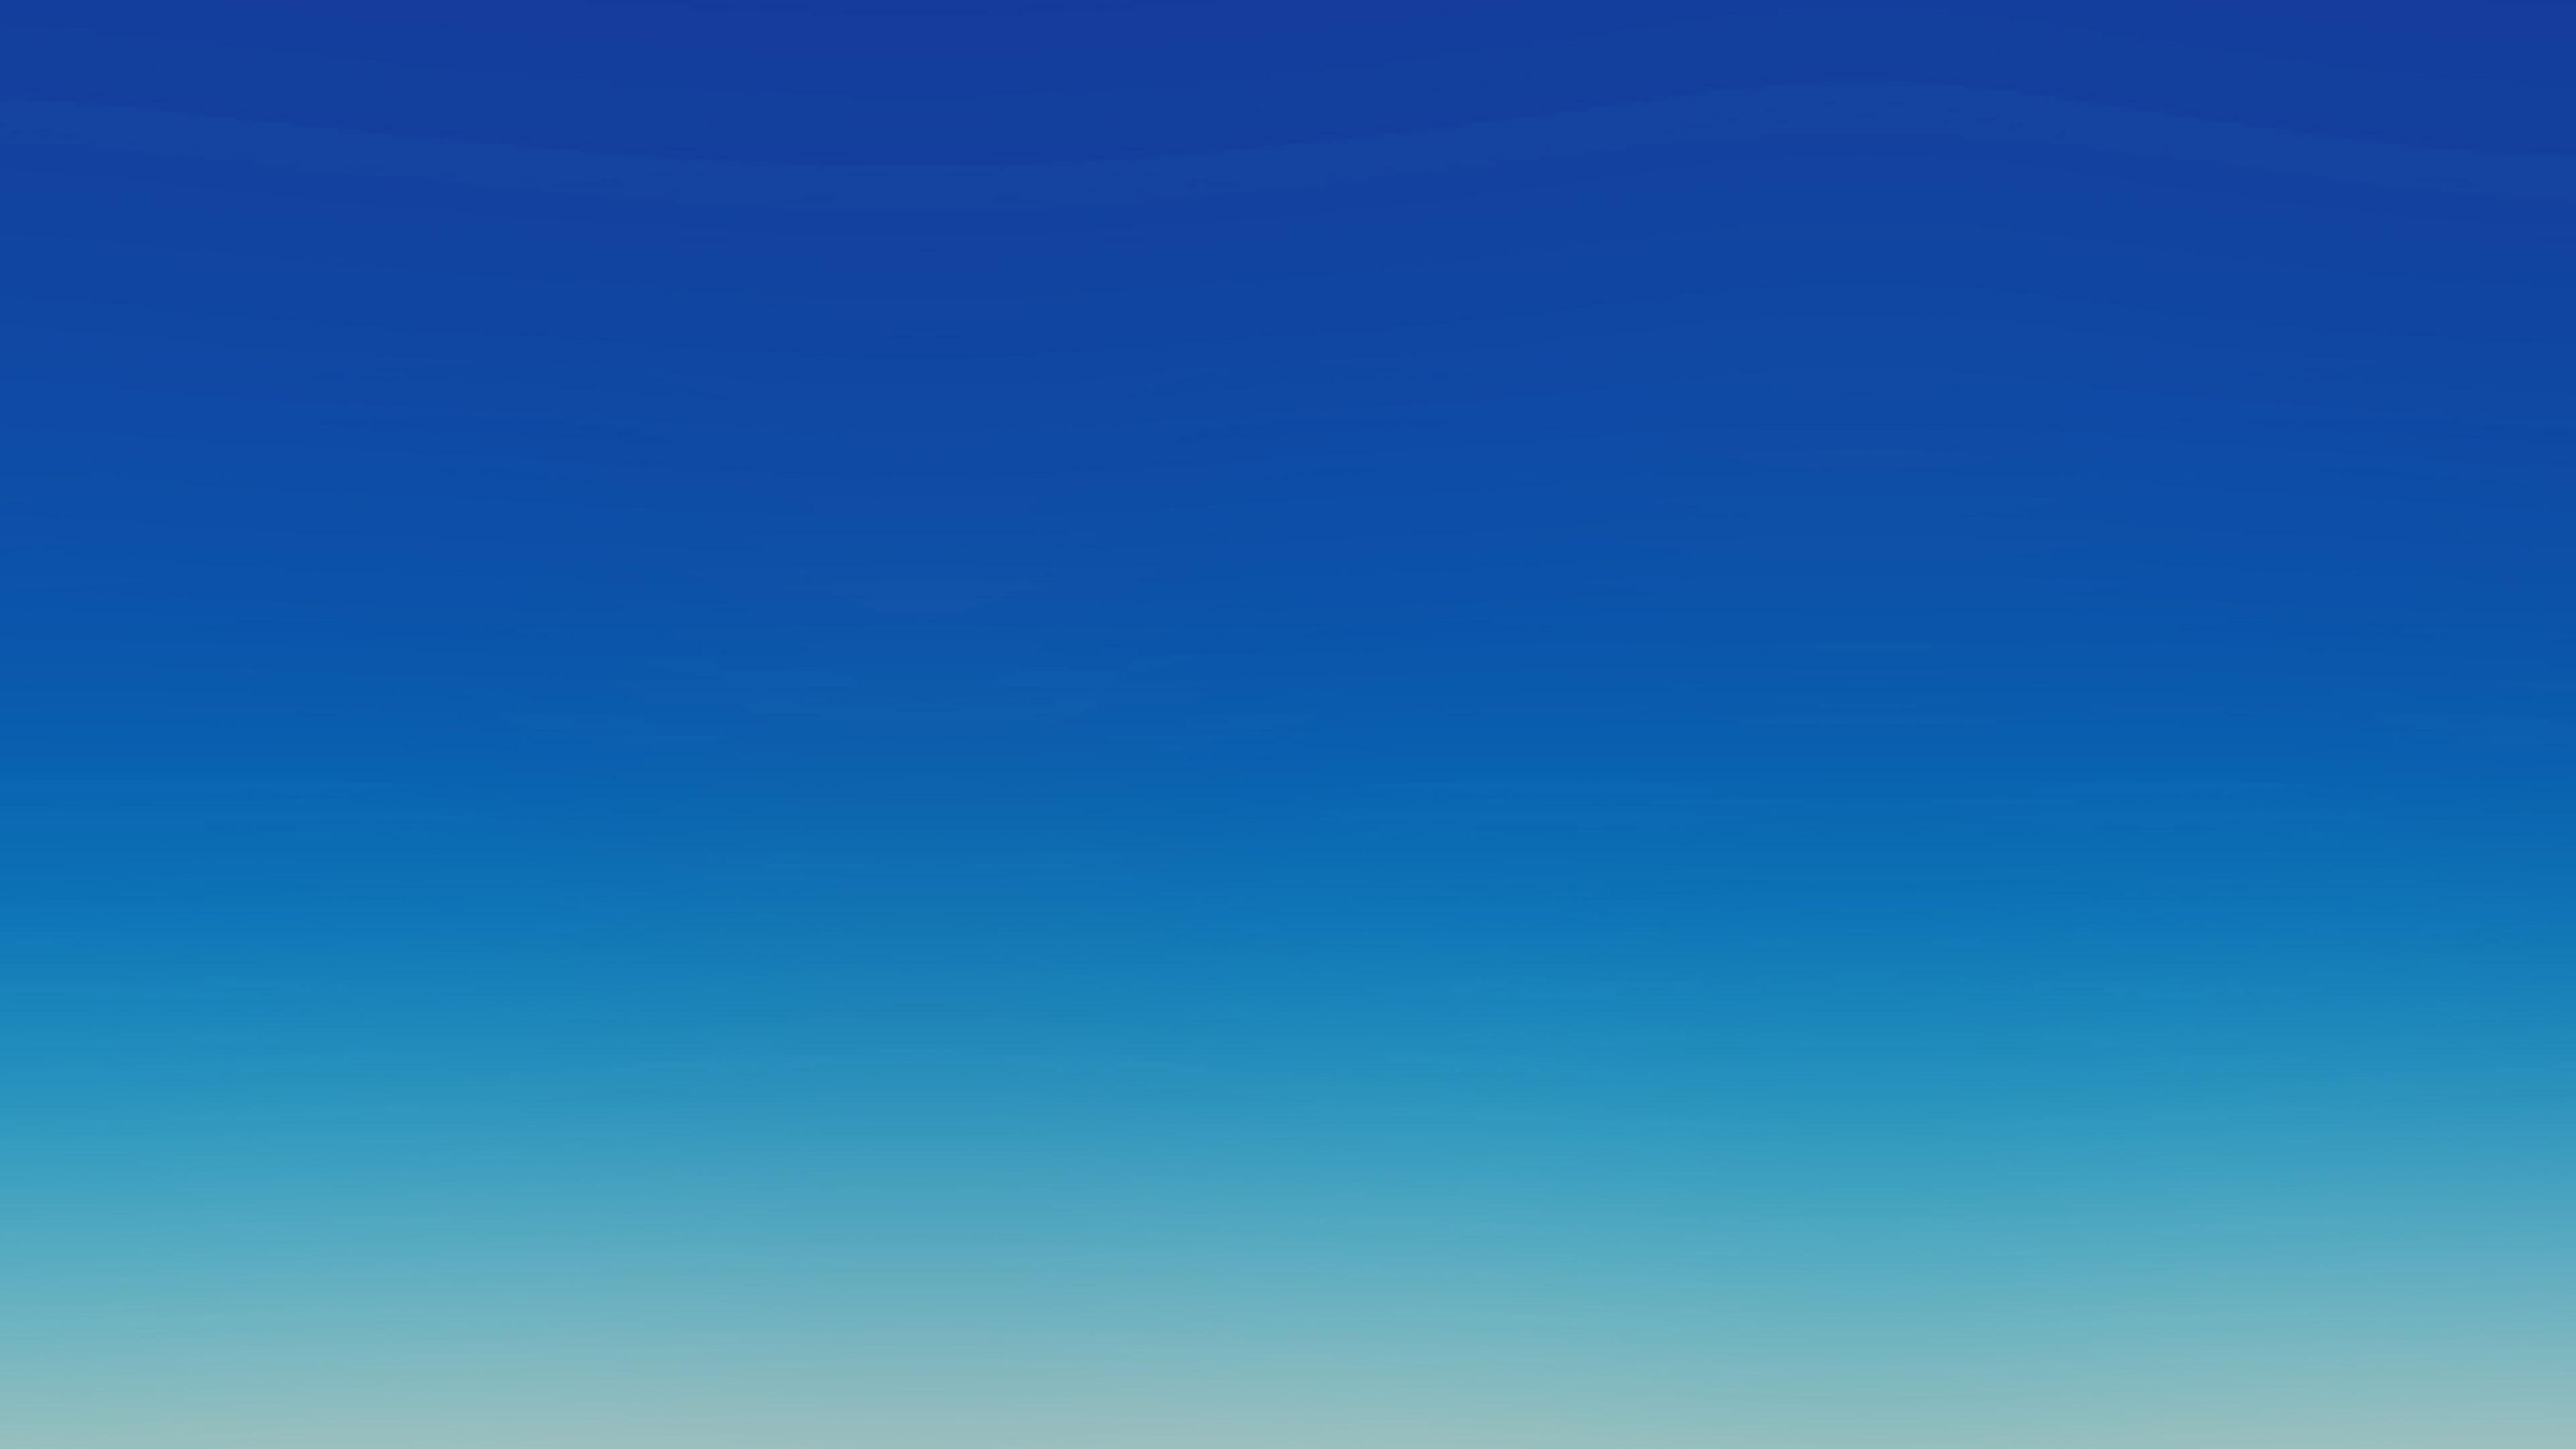 Dark Blue Iphone Wallpaper Wallpaper For Desktop Laptop Sa08 Blue Sky Blue Blur